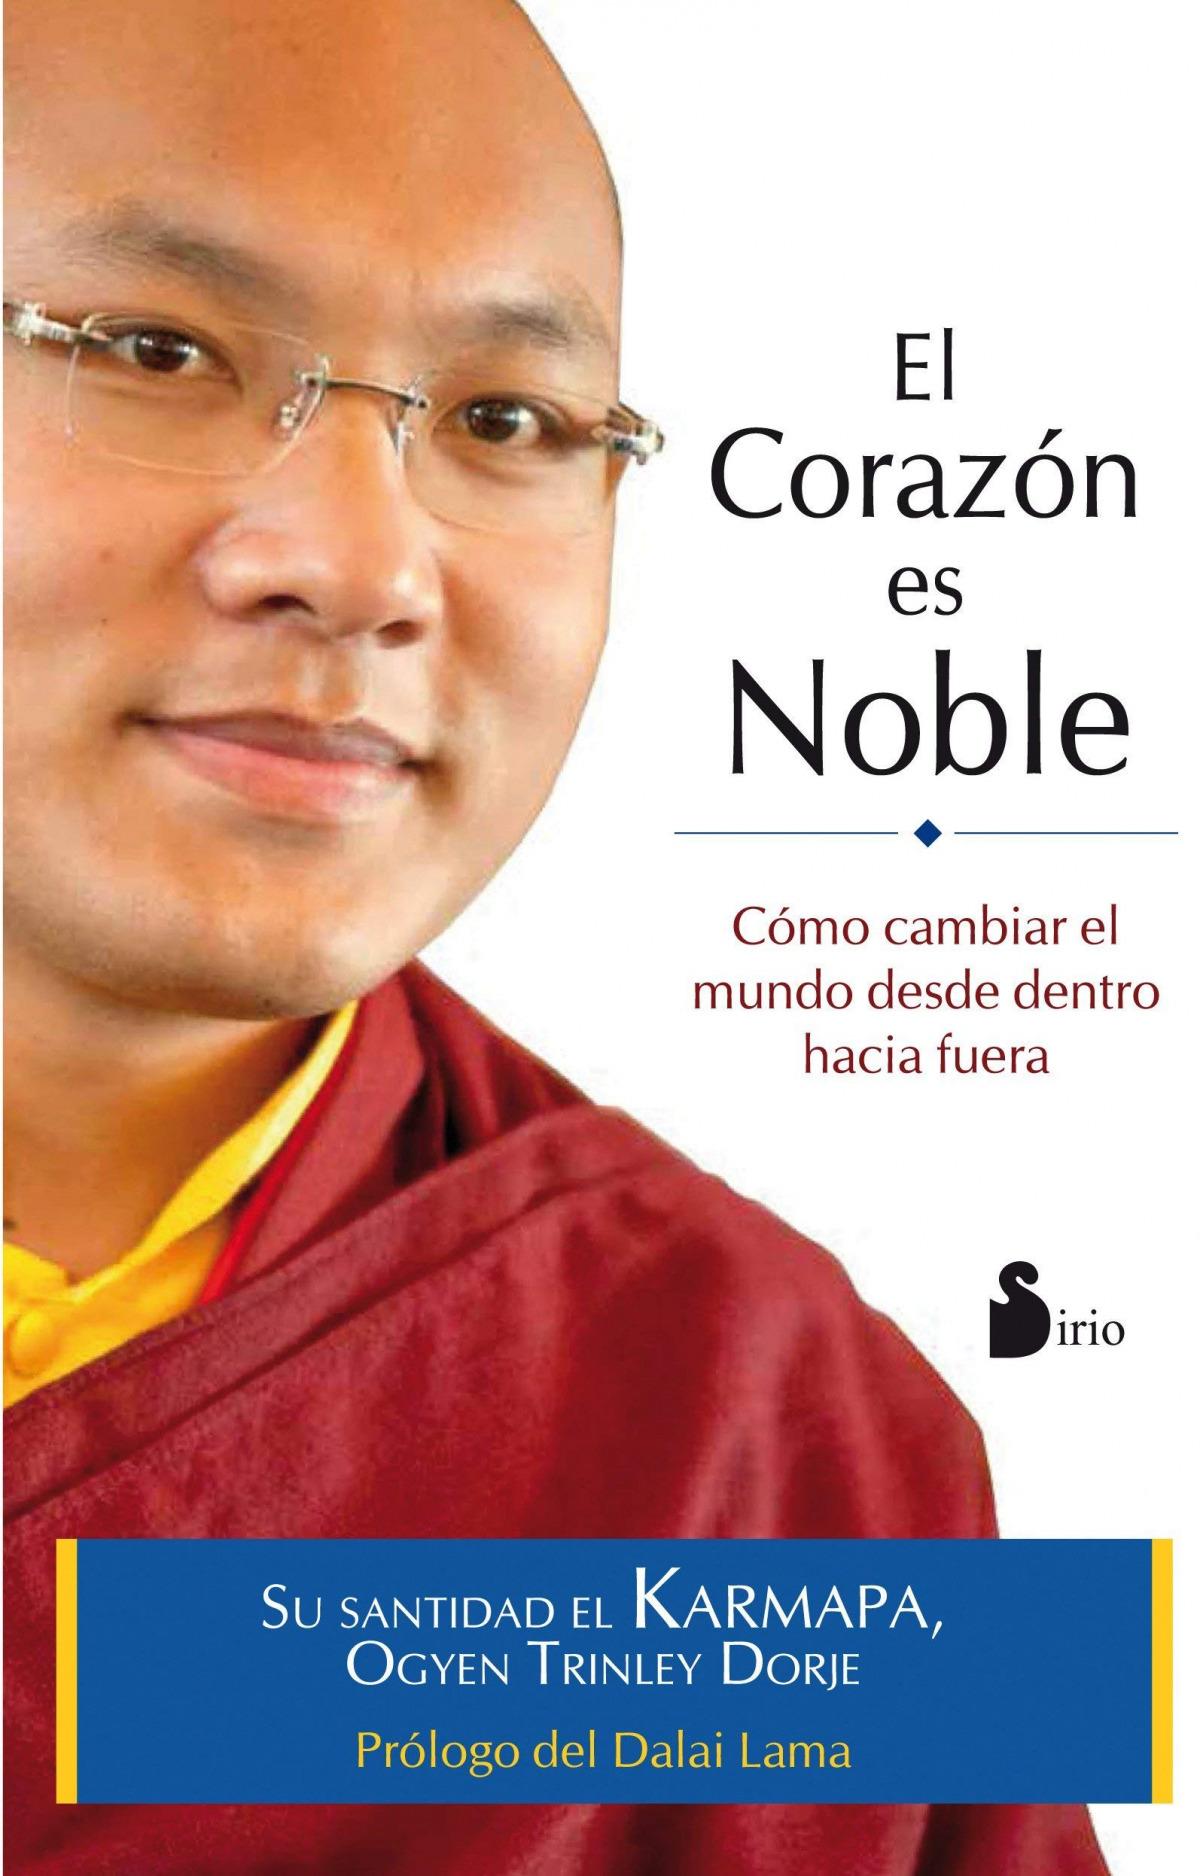 El corazon es noble 9788478089062